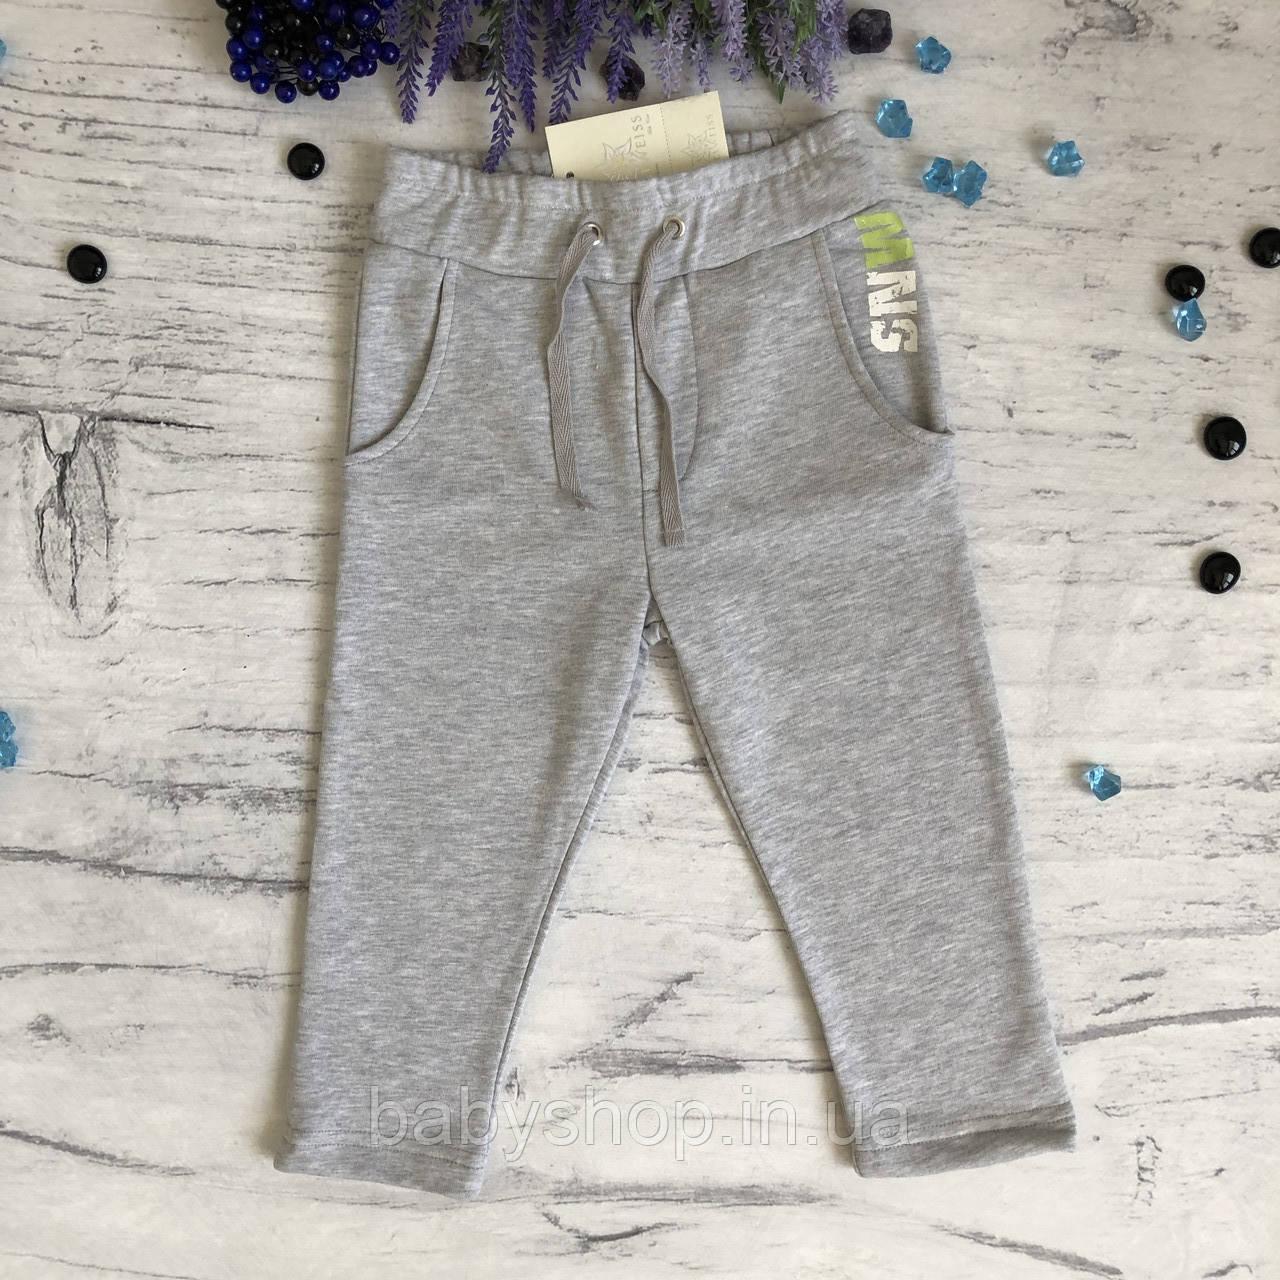 Спортивні штани на хлопчика 2. Розміри на 3 роки (98см), 5років(110см), 6 л, 7 л, 8л, 10 років, 12 років